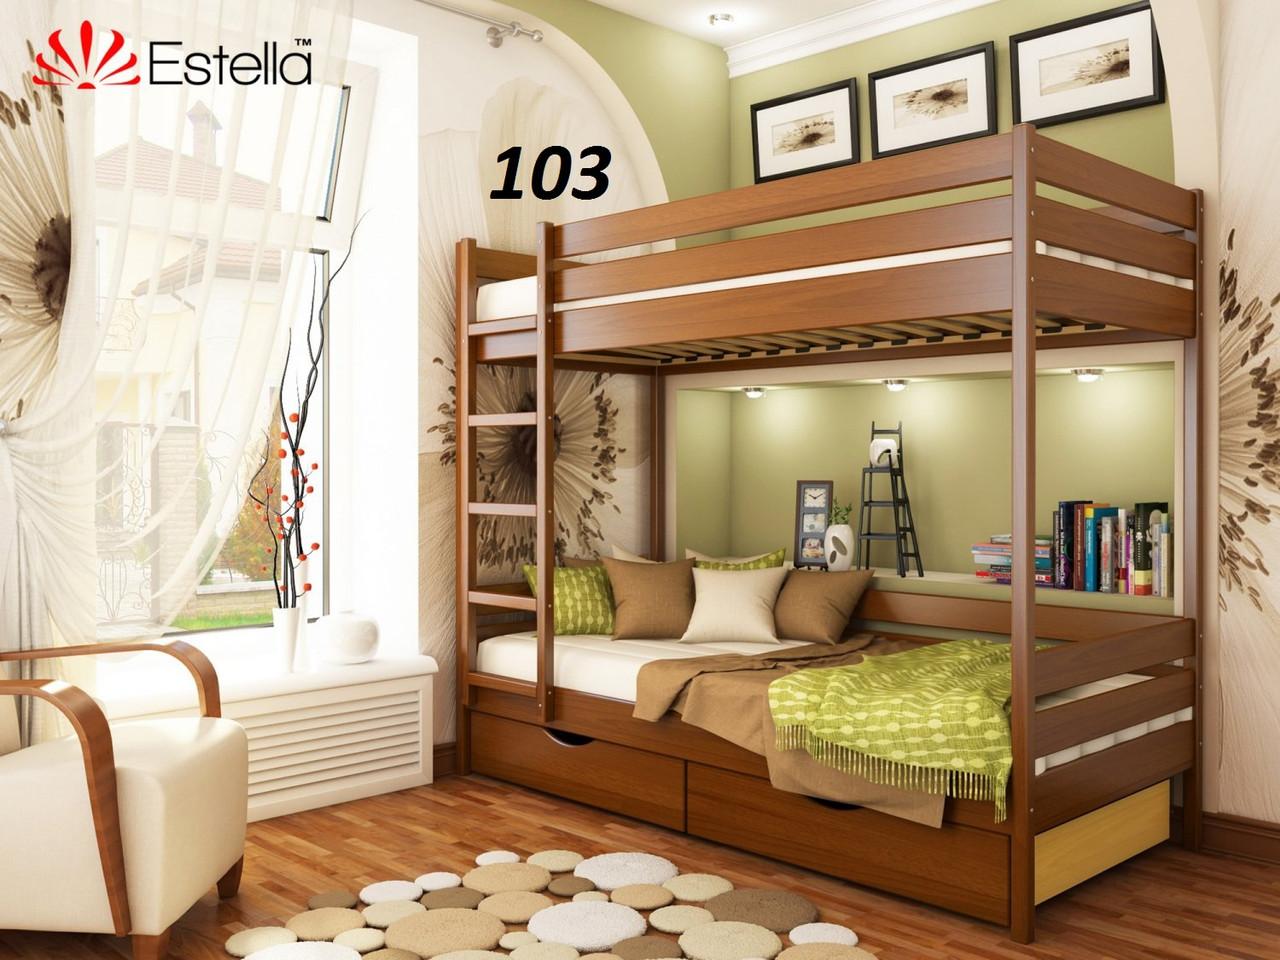 Детская Кровать Дуэт Бук Щит 103 (Эстелла-ТМ)